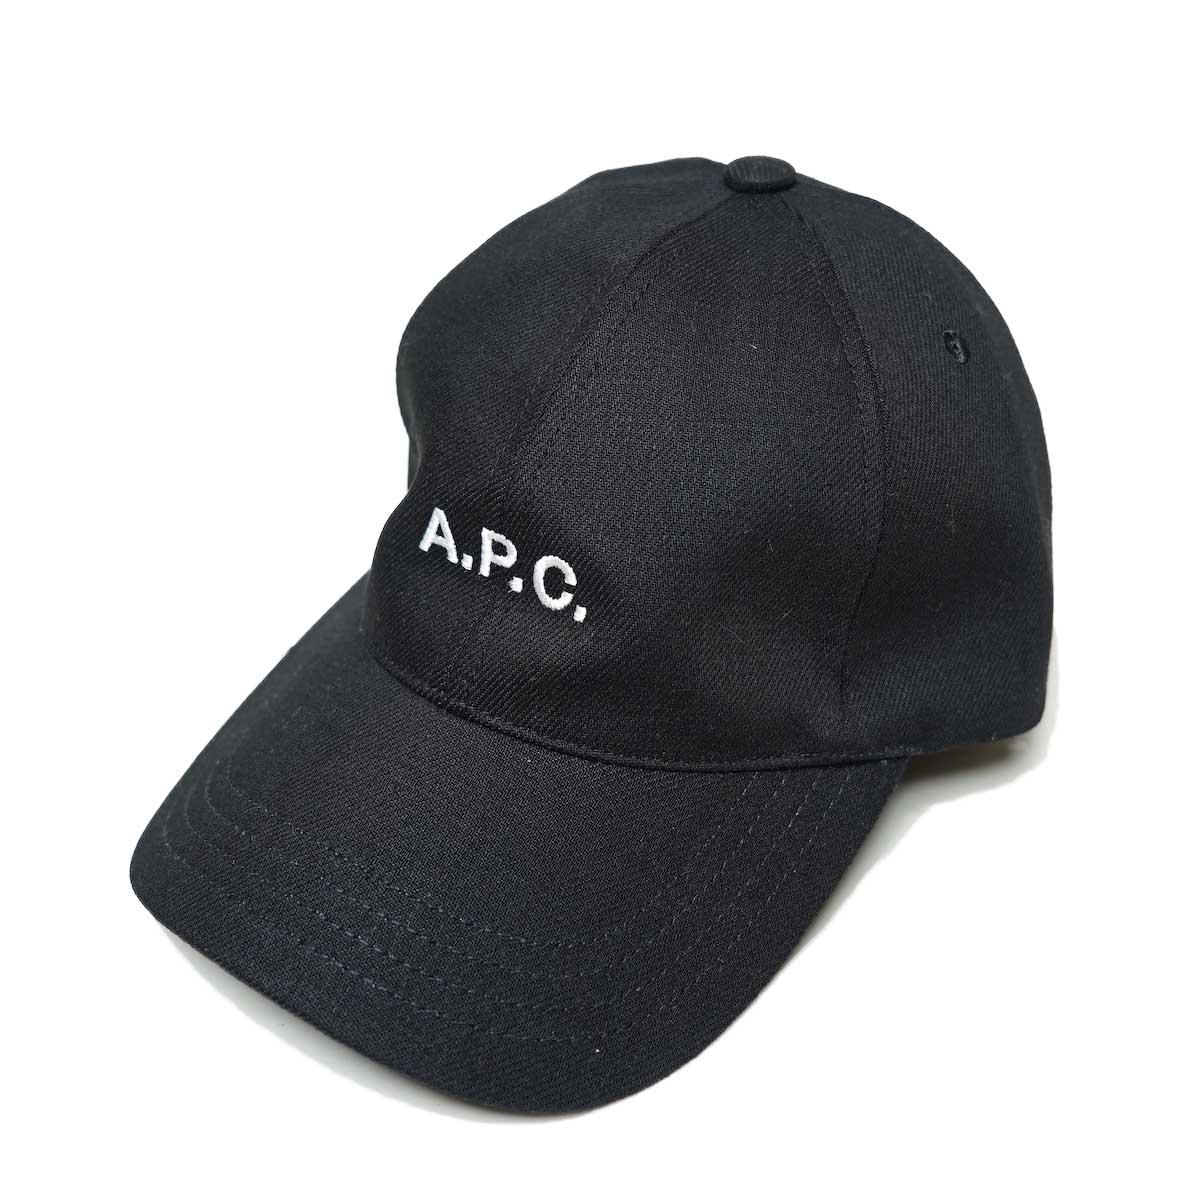 A.P.C / Charlie キャスケット (Black)